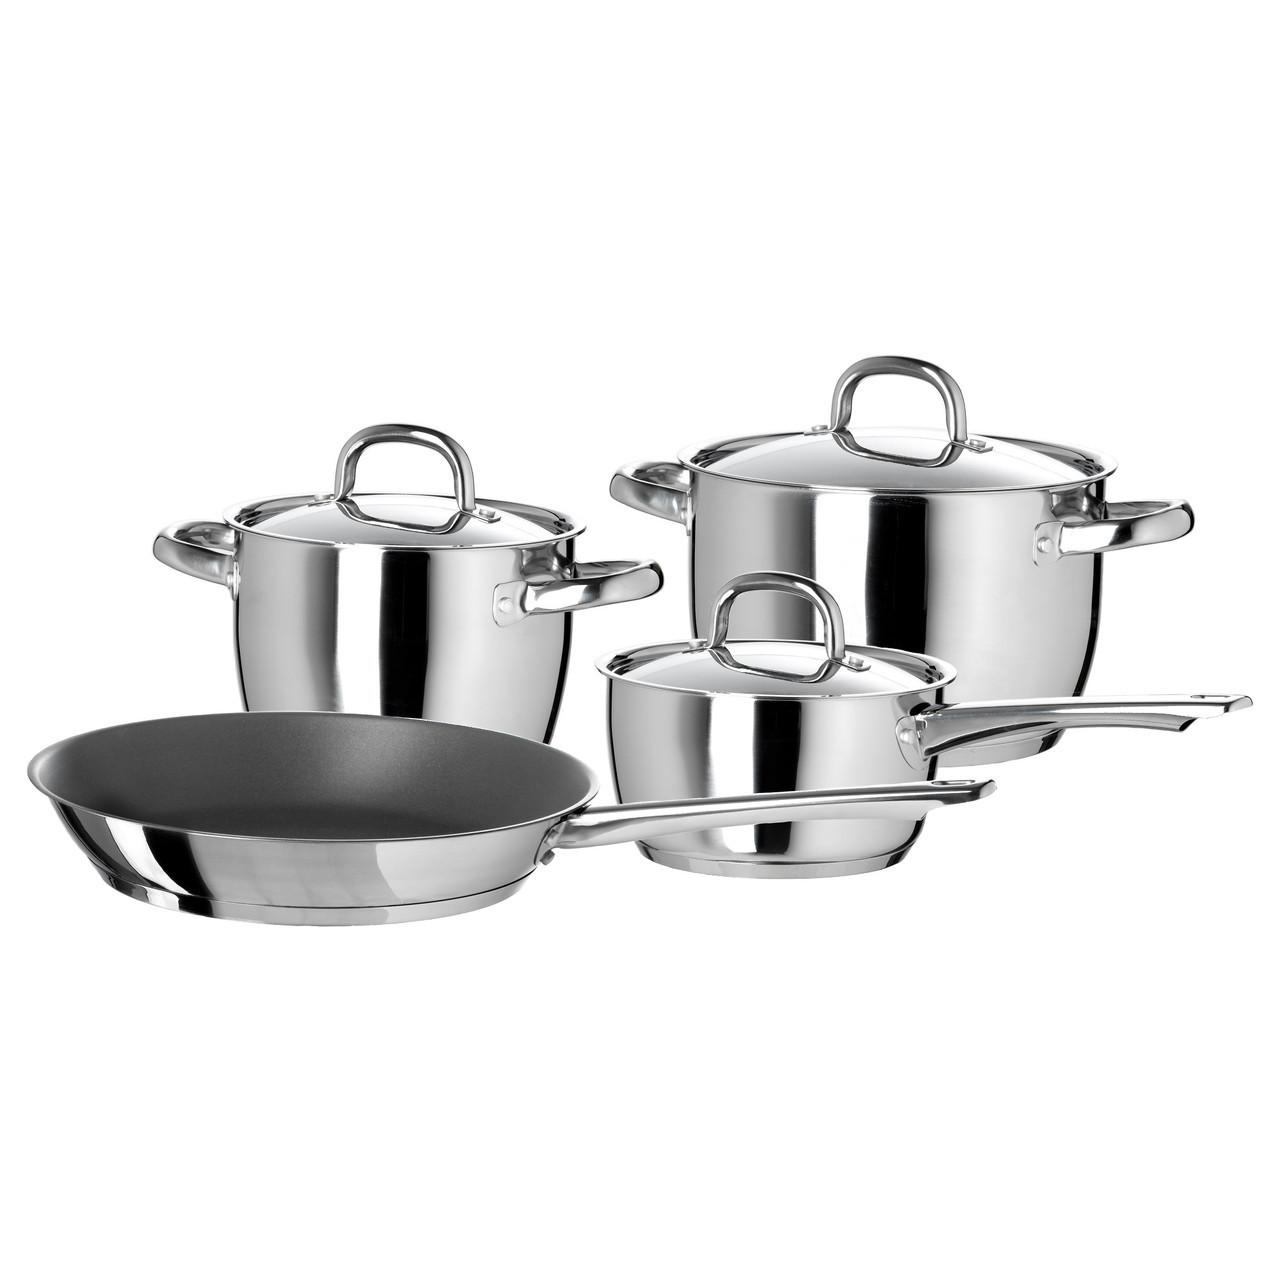 Набор кухонной посуды OUMBÄRLIG, 4 предмета, IKEA, 302.864.16